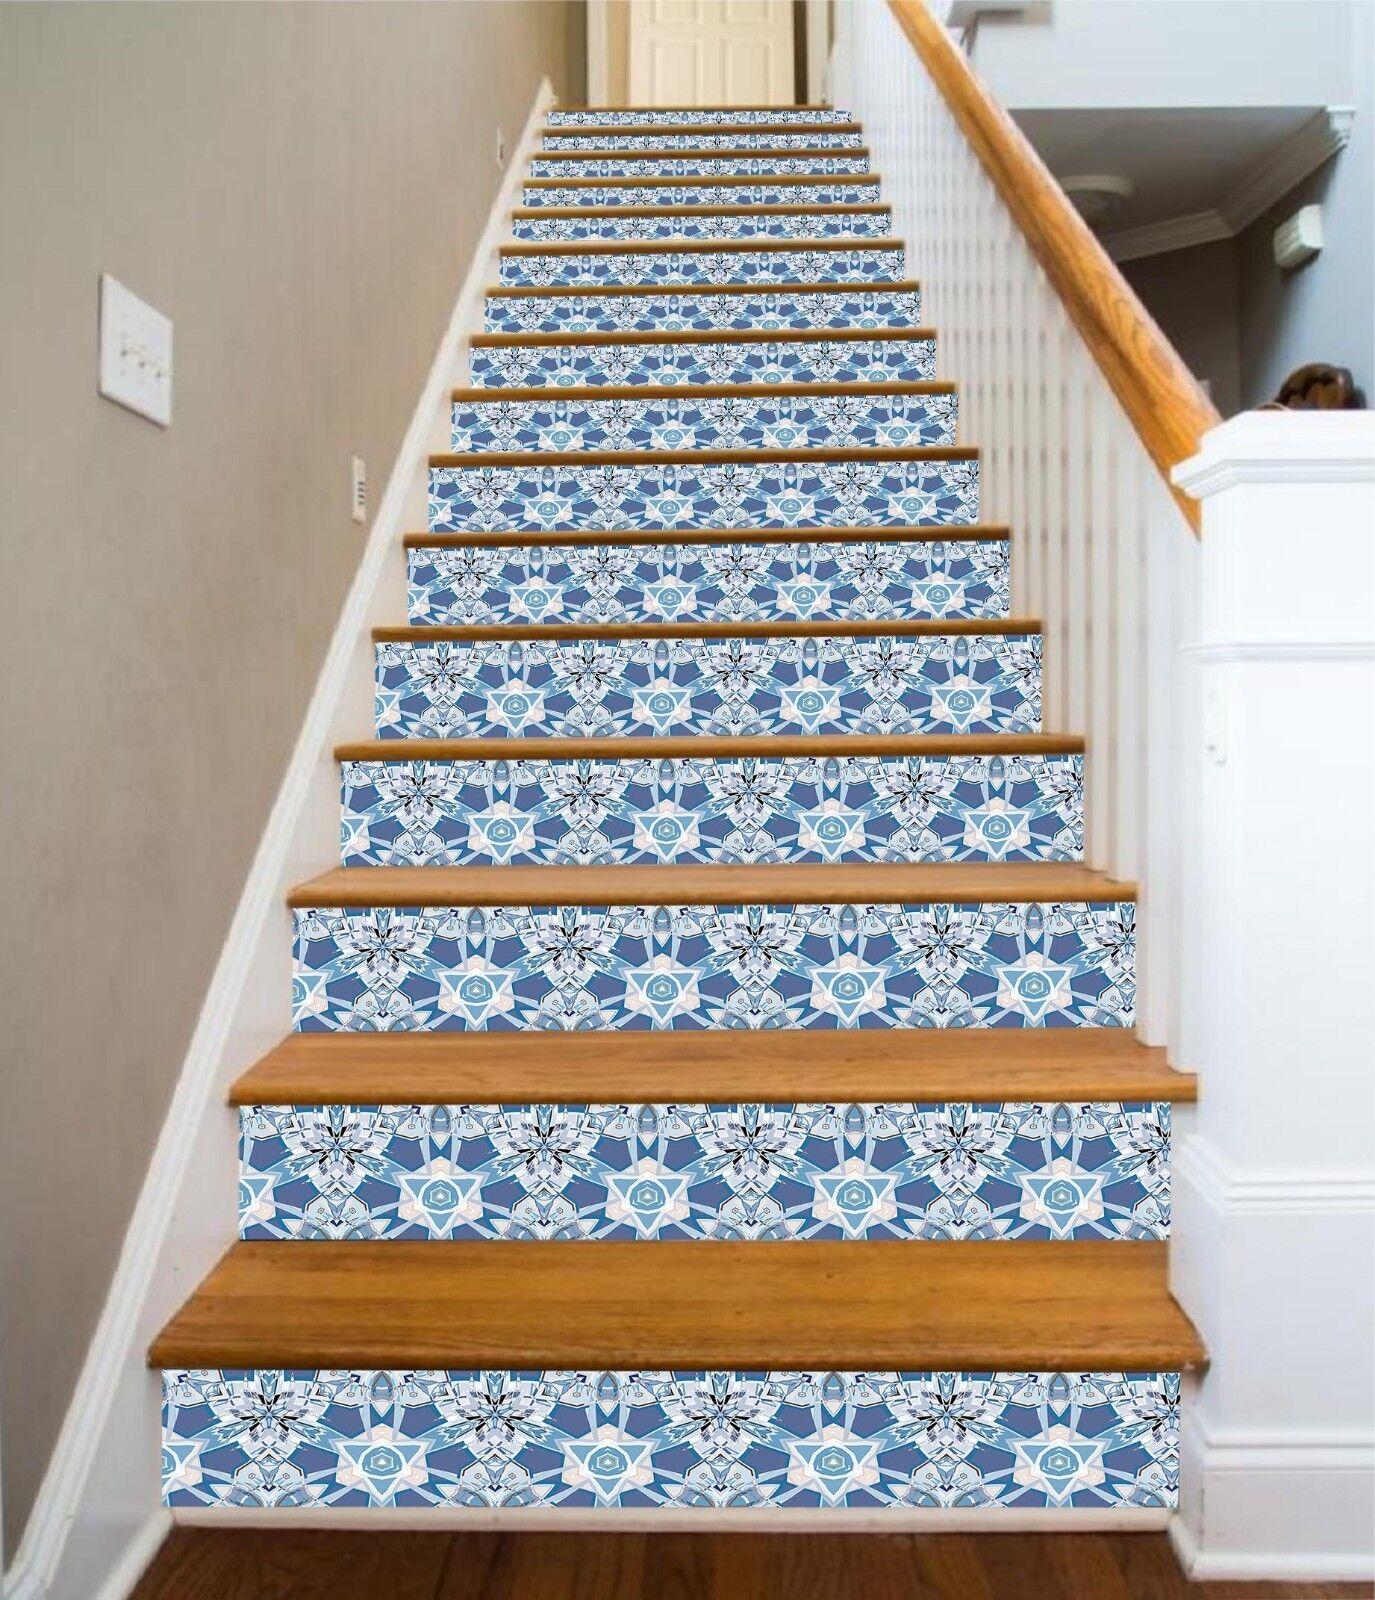 3D Blendend Blaume 7 Fliese Marmor Stair Risers Fototapete Vinyl Aufkleber Tapete